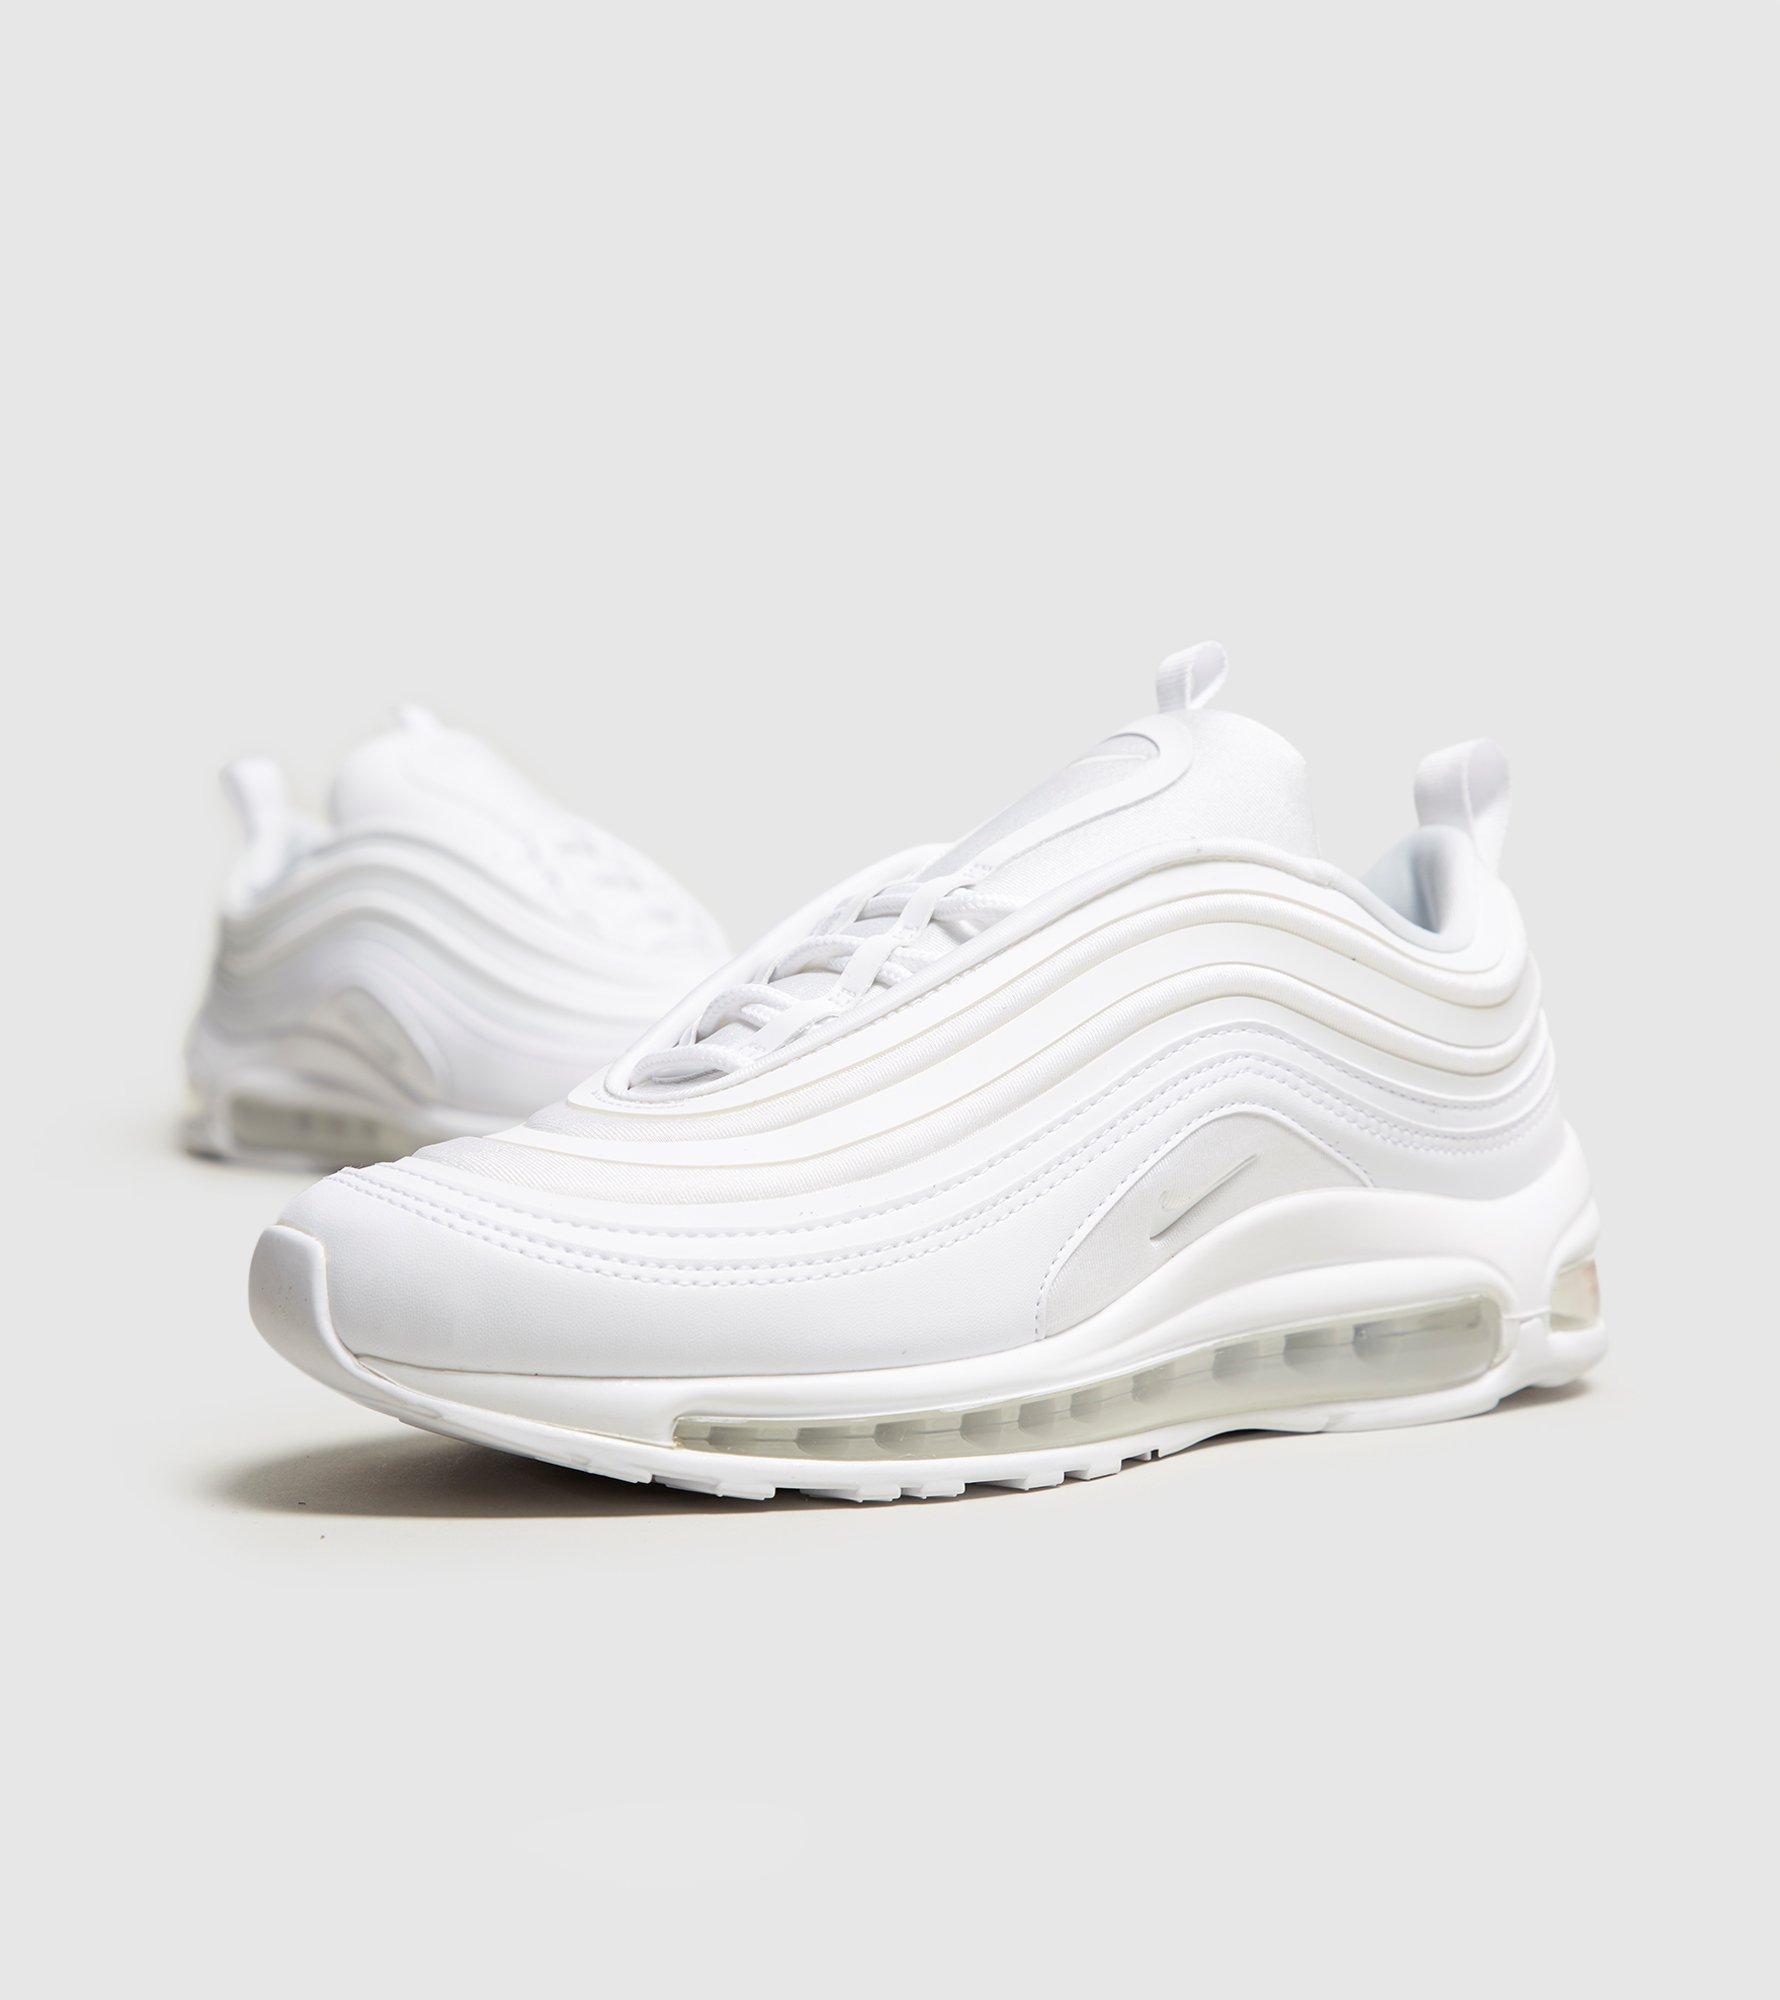 nike air max 97 womens white